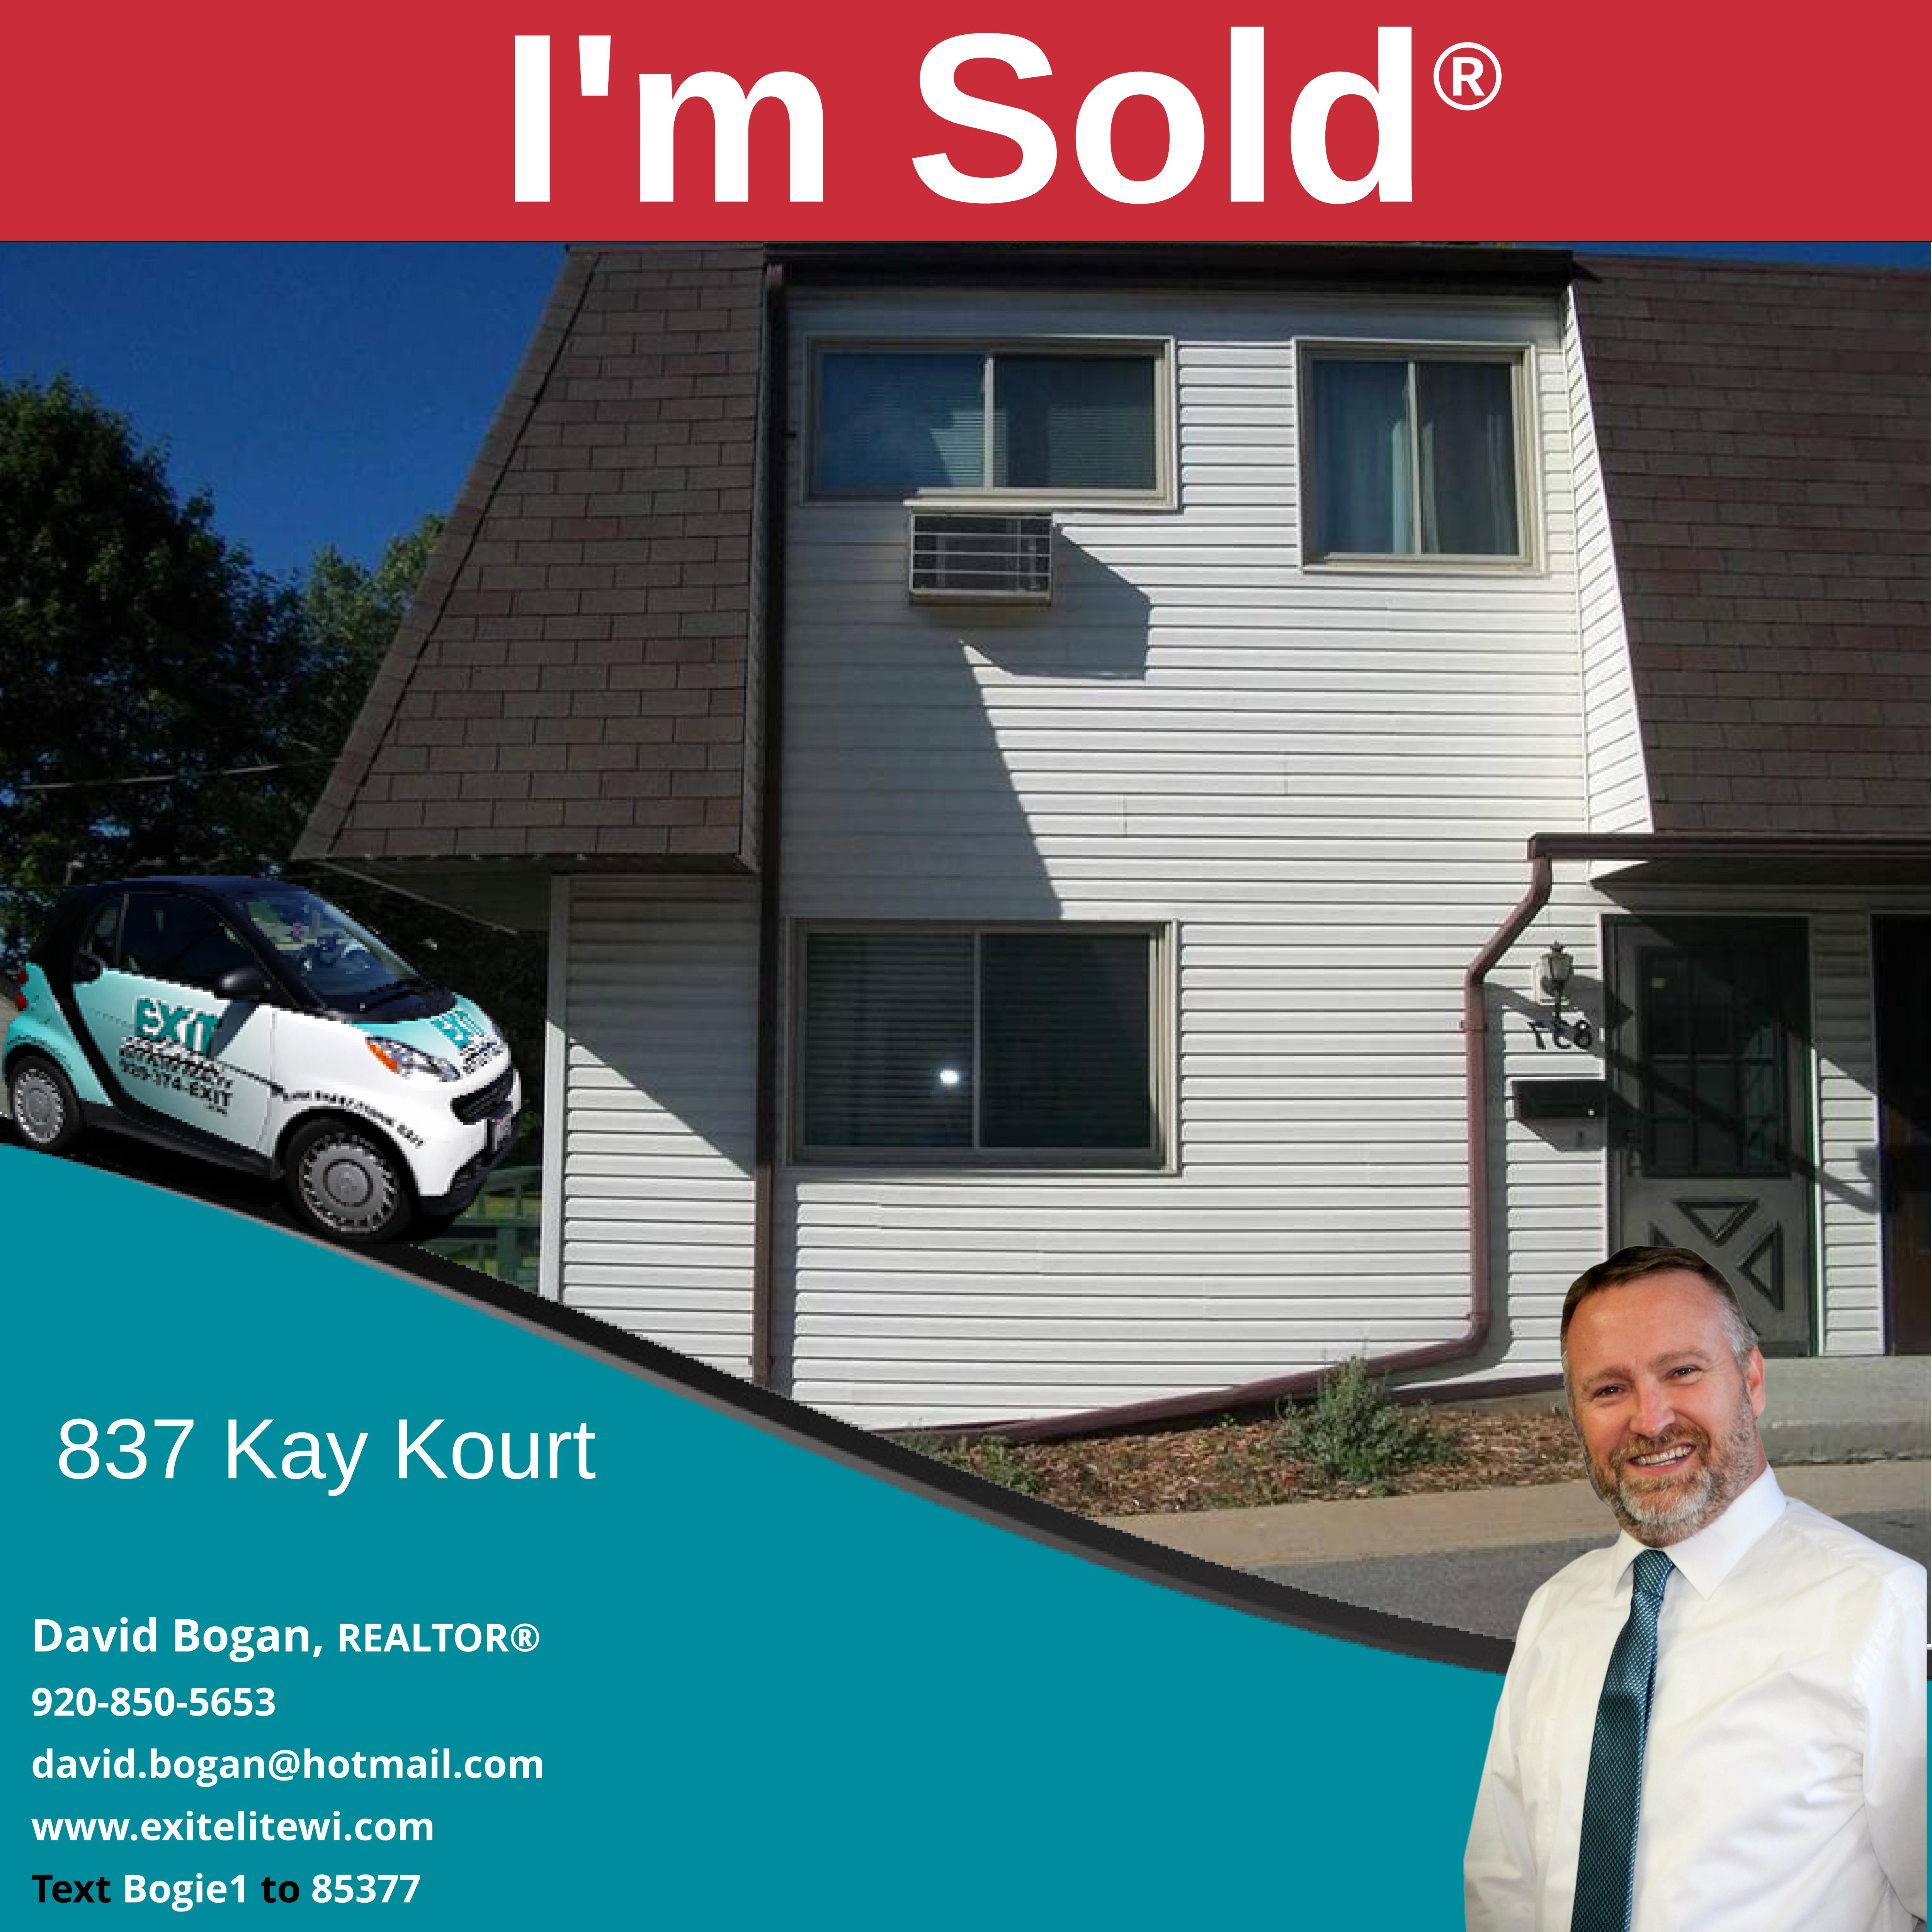 837 Kay Kourt